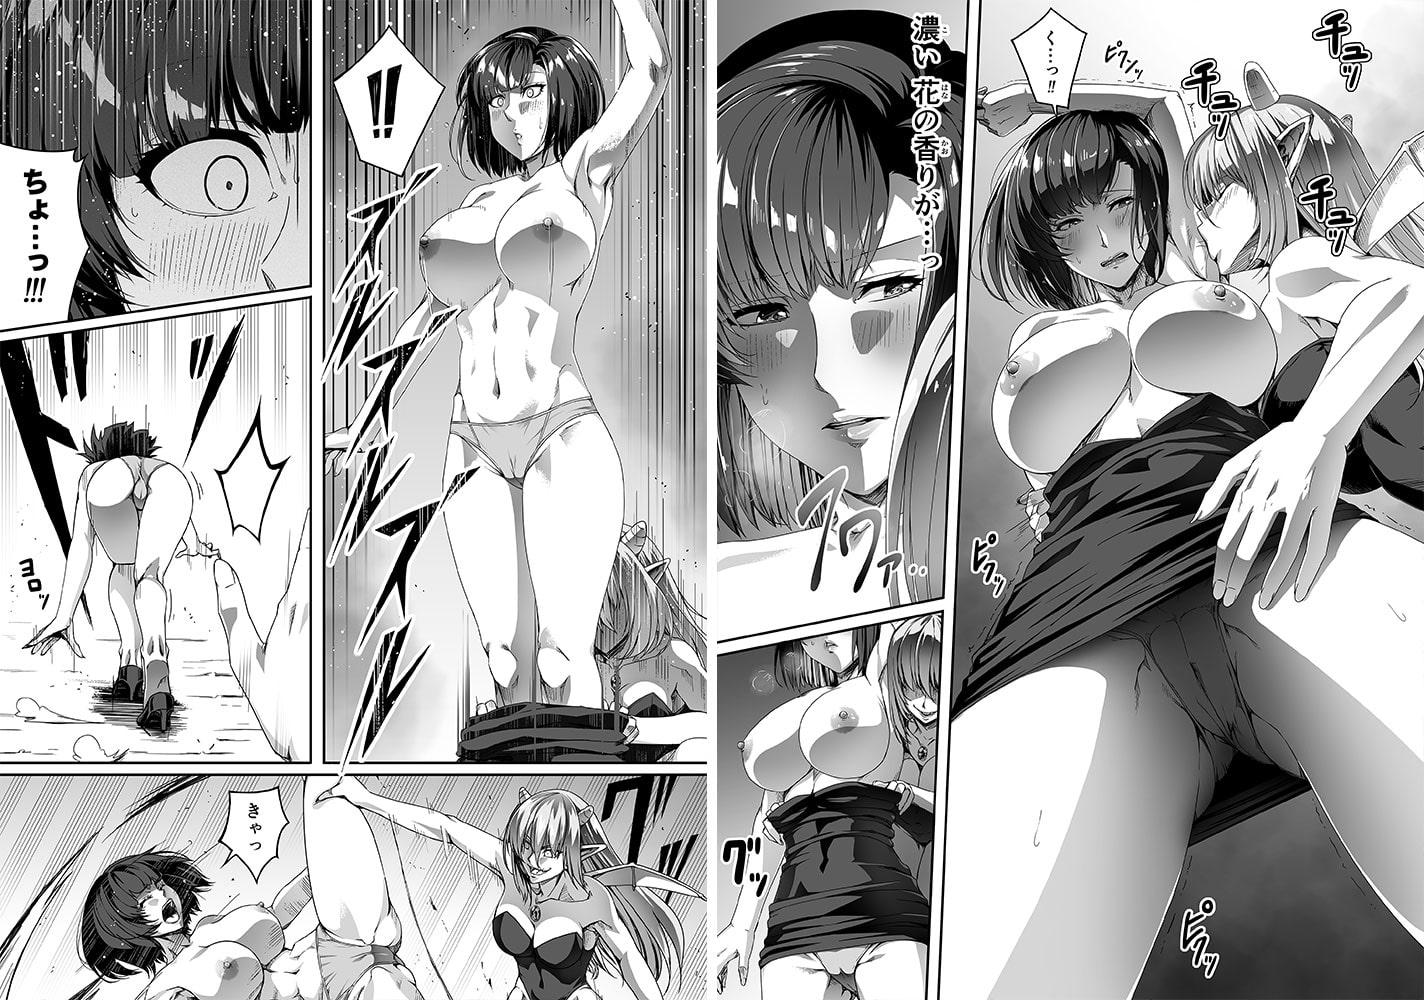 力あるサキュバスは性欲を満たしたいだけ(1)